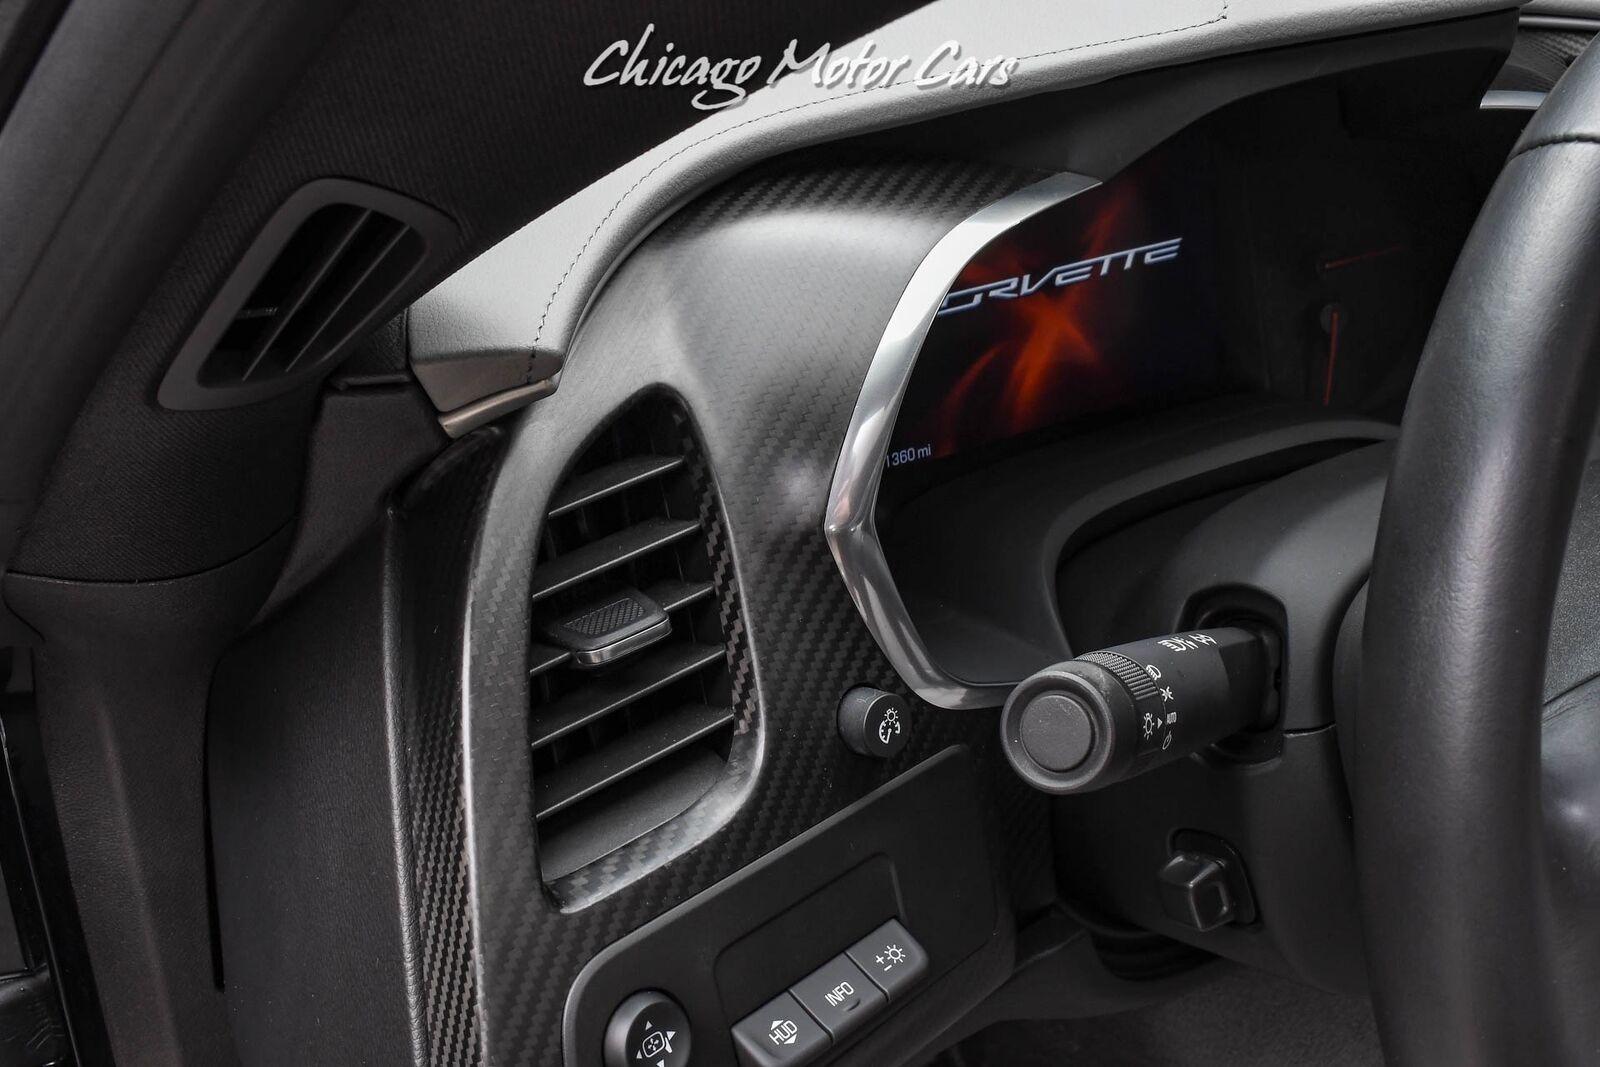 2019 Black Chevrolet Corvette Z07 2LT   C7 Corvette Photo 9